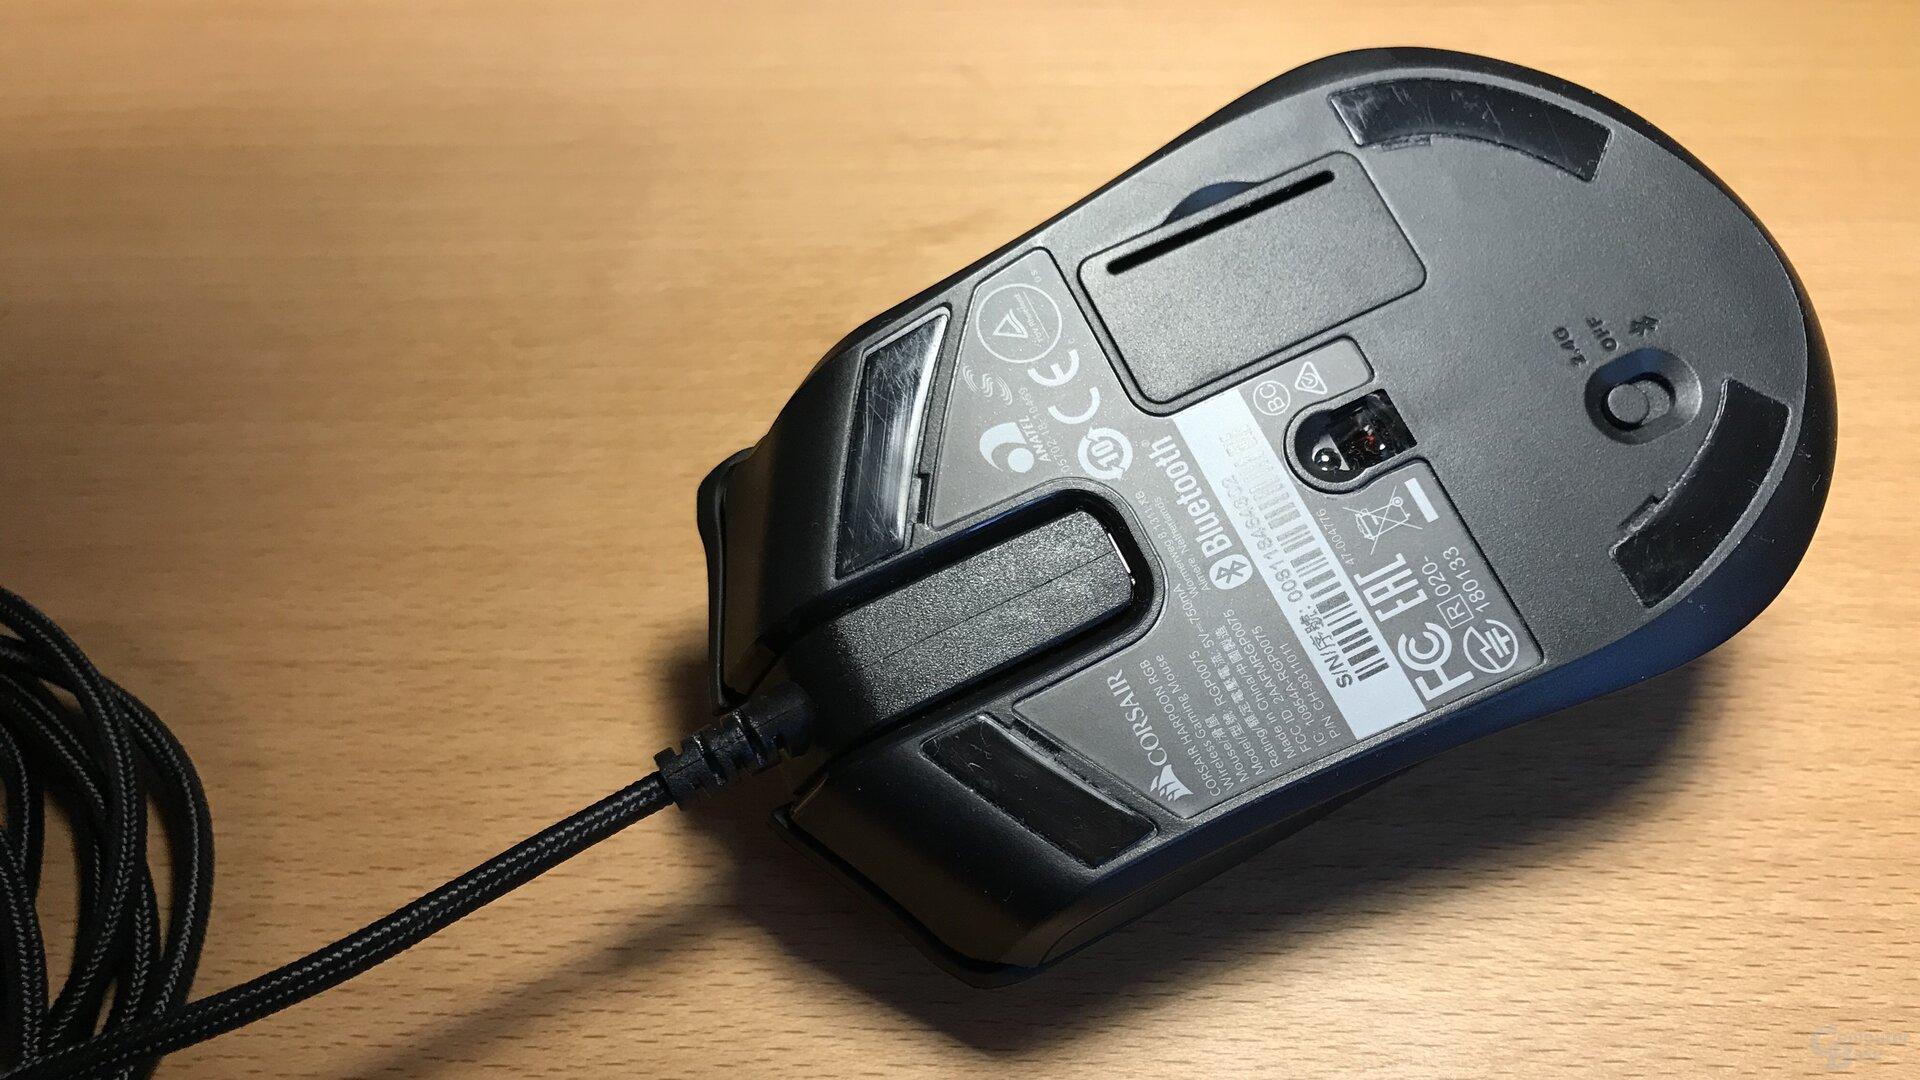 Die Mikro-USB-Buchse befindet sich in einem schmalen Spalt unter dem Mausrad